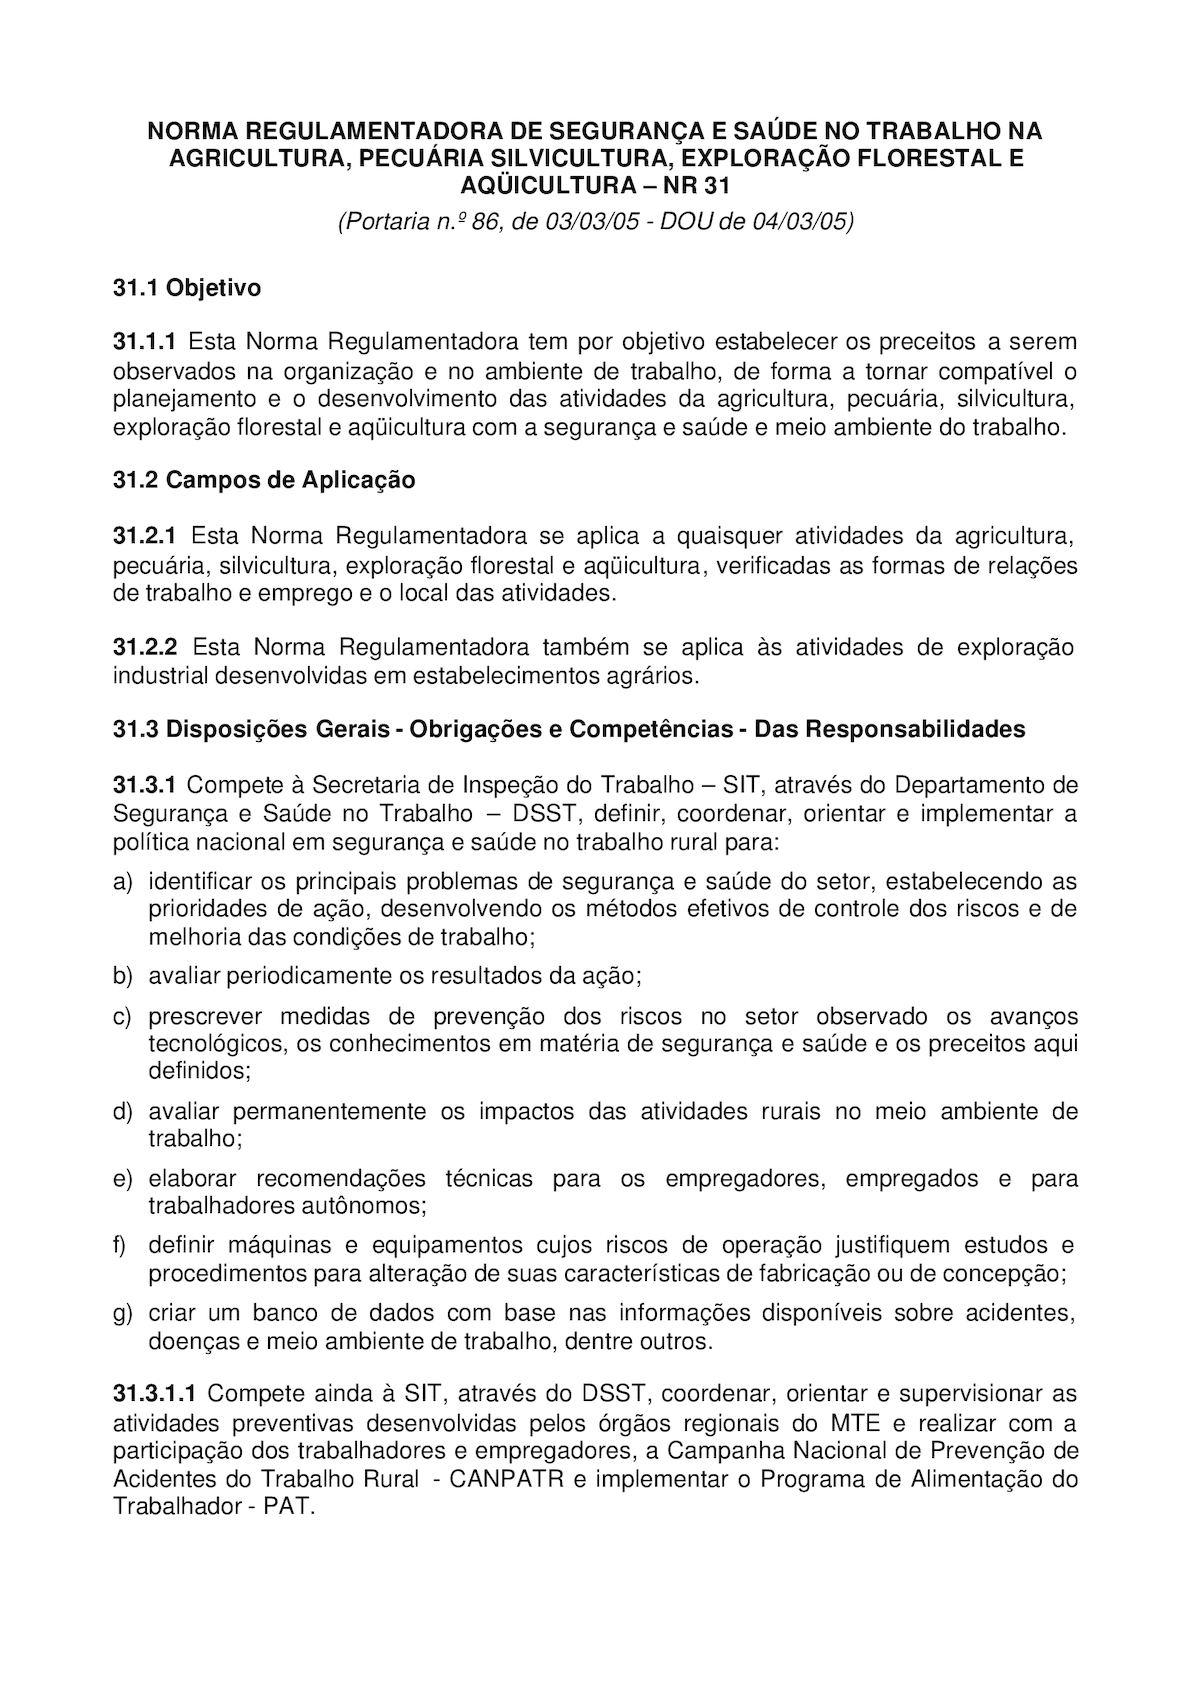 Calaméo - NR 31 - Segurança E Saúde No Trabalho Na Agricultura, Pecuária  Silvicultura, Exploração Florestal E Aqui ae07bed964